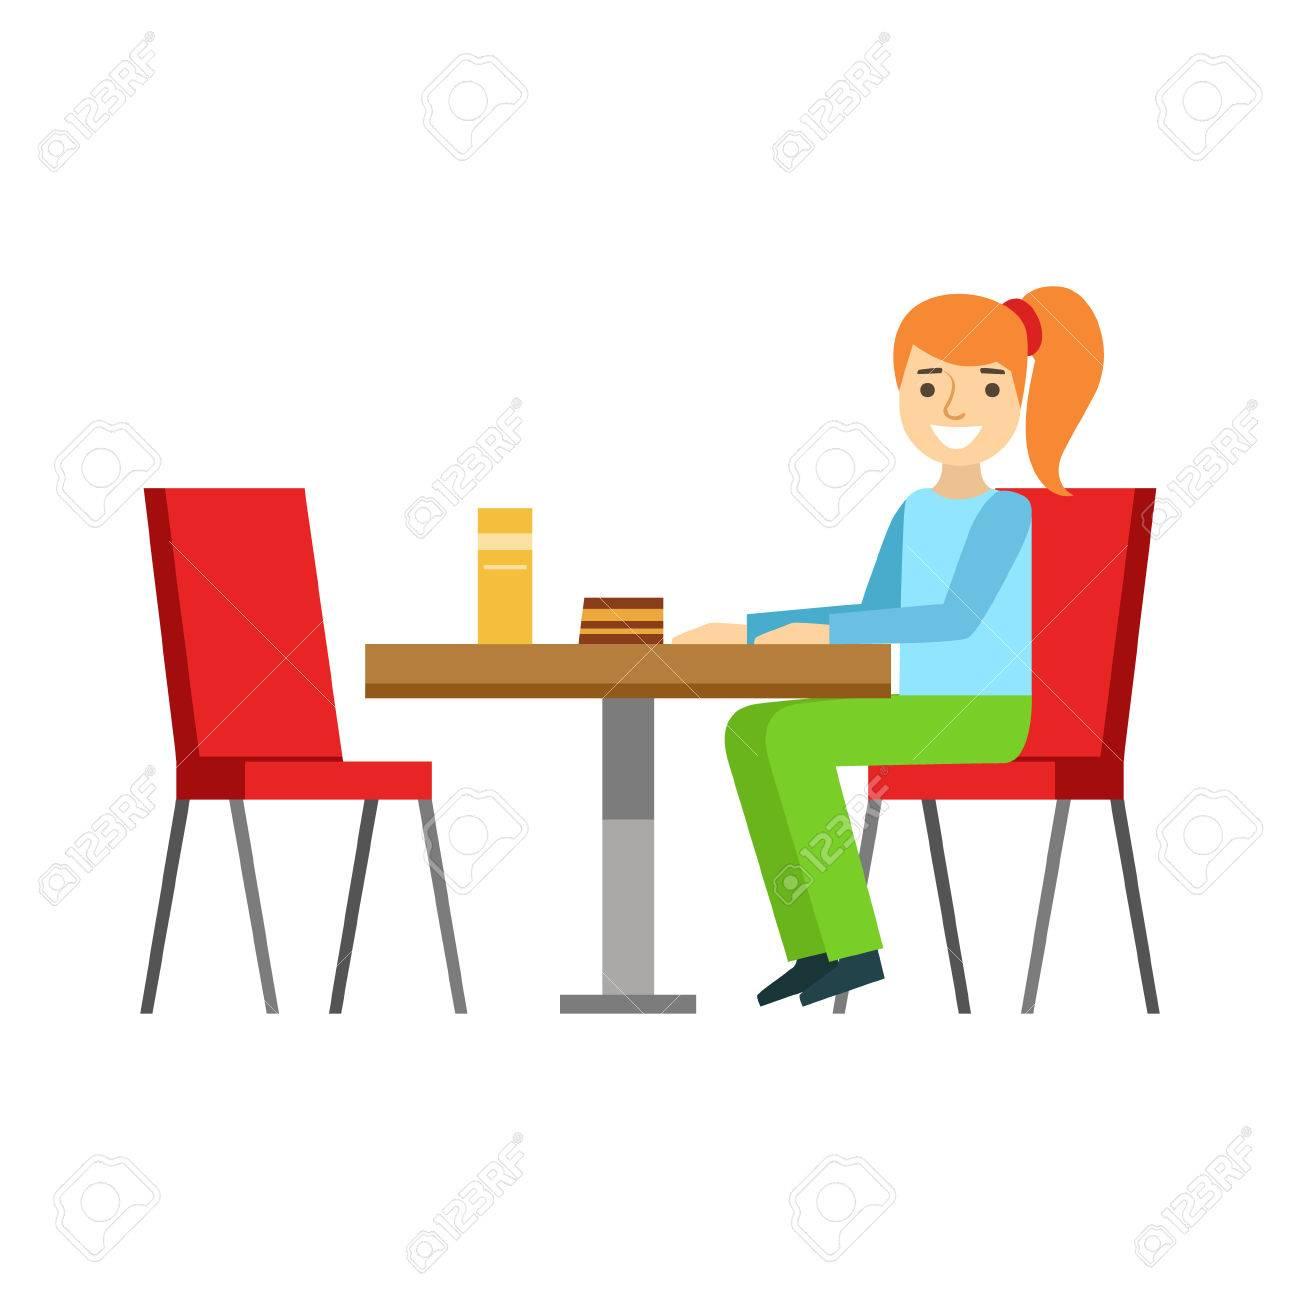 Mädchen Sitzt Am Tisch Essen Einen Kuchen, Person Lächeln Ein Dessert In  Süßen Gebäck Cafe